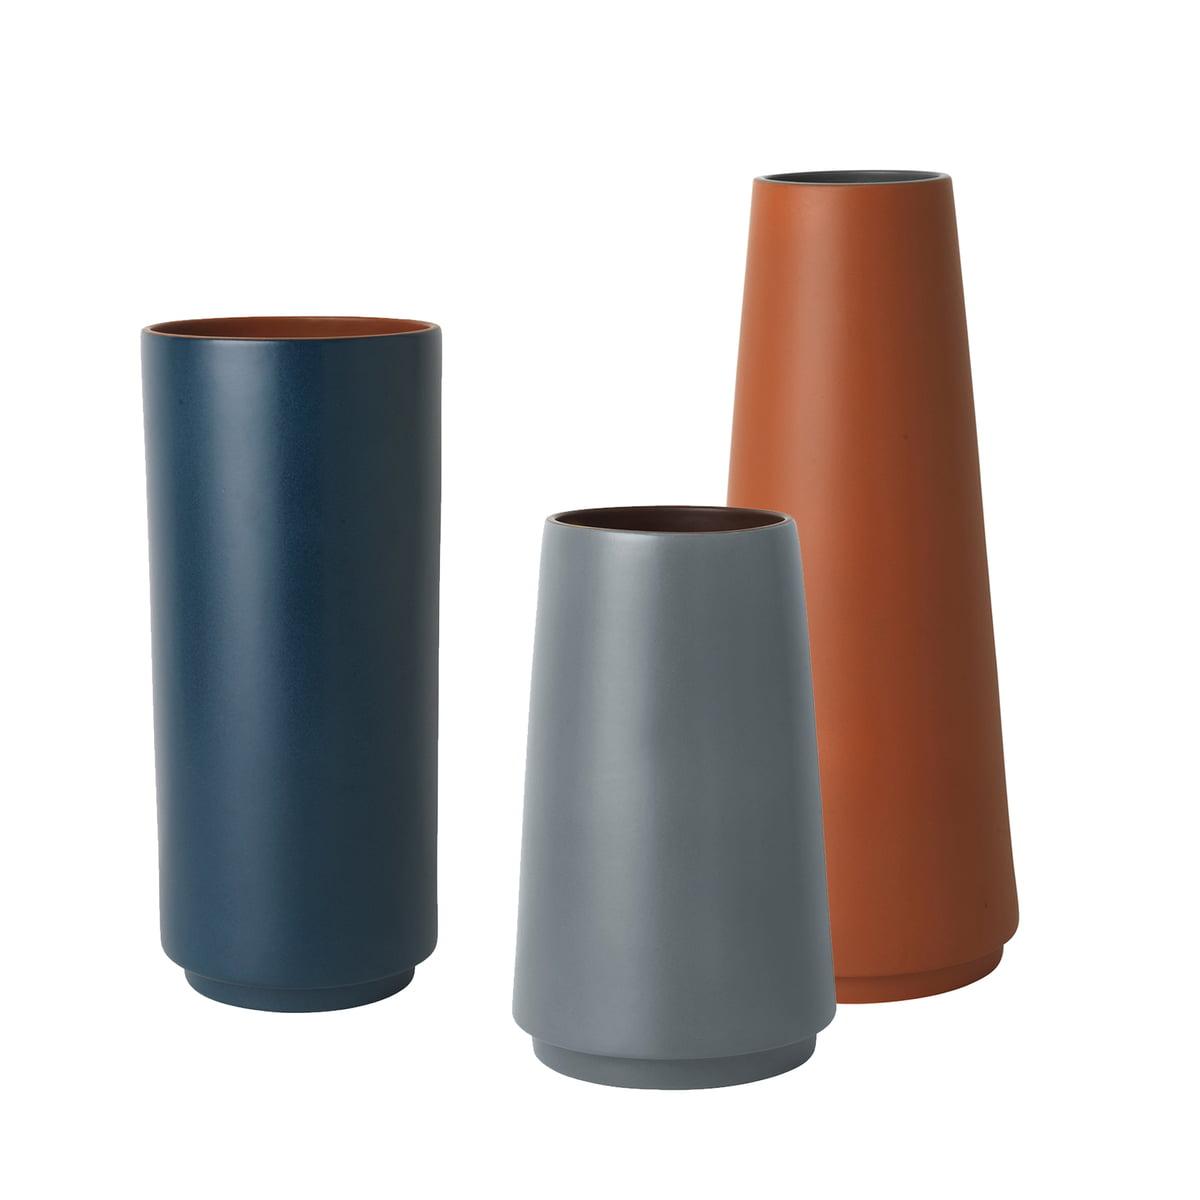 Dual floor vase by ferm living connox shop for Connox com